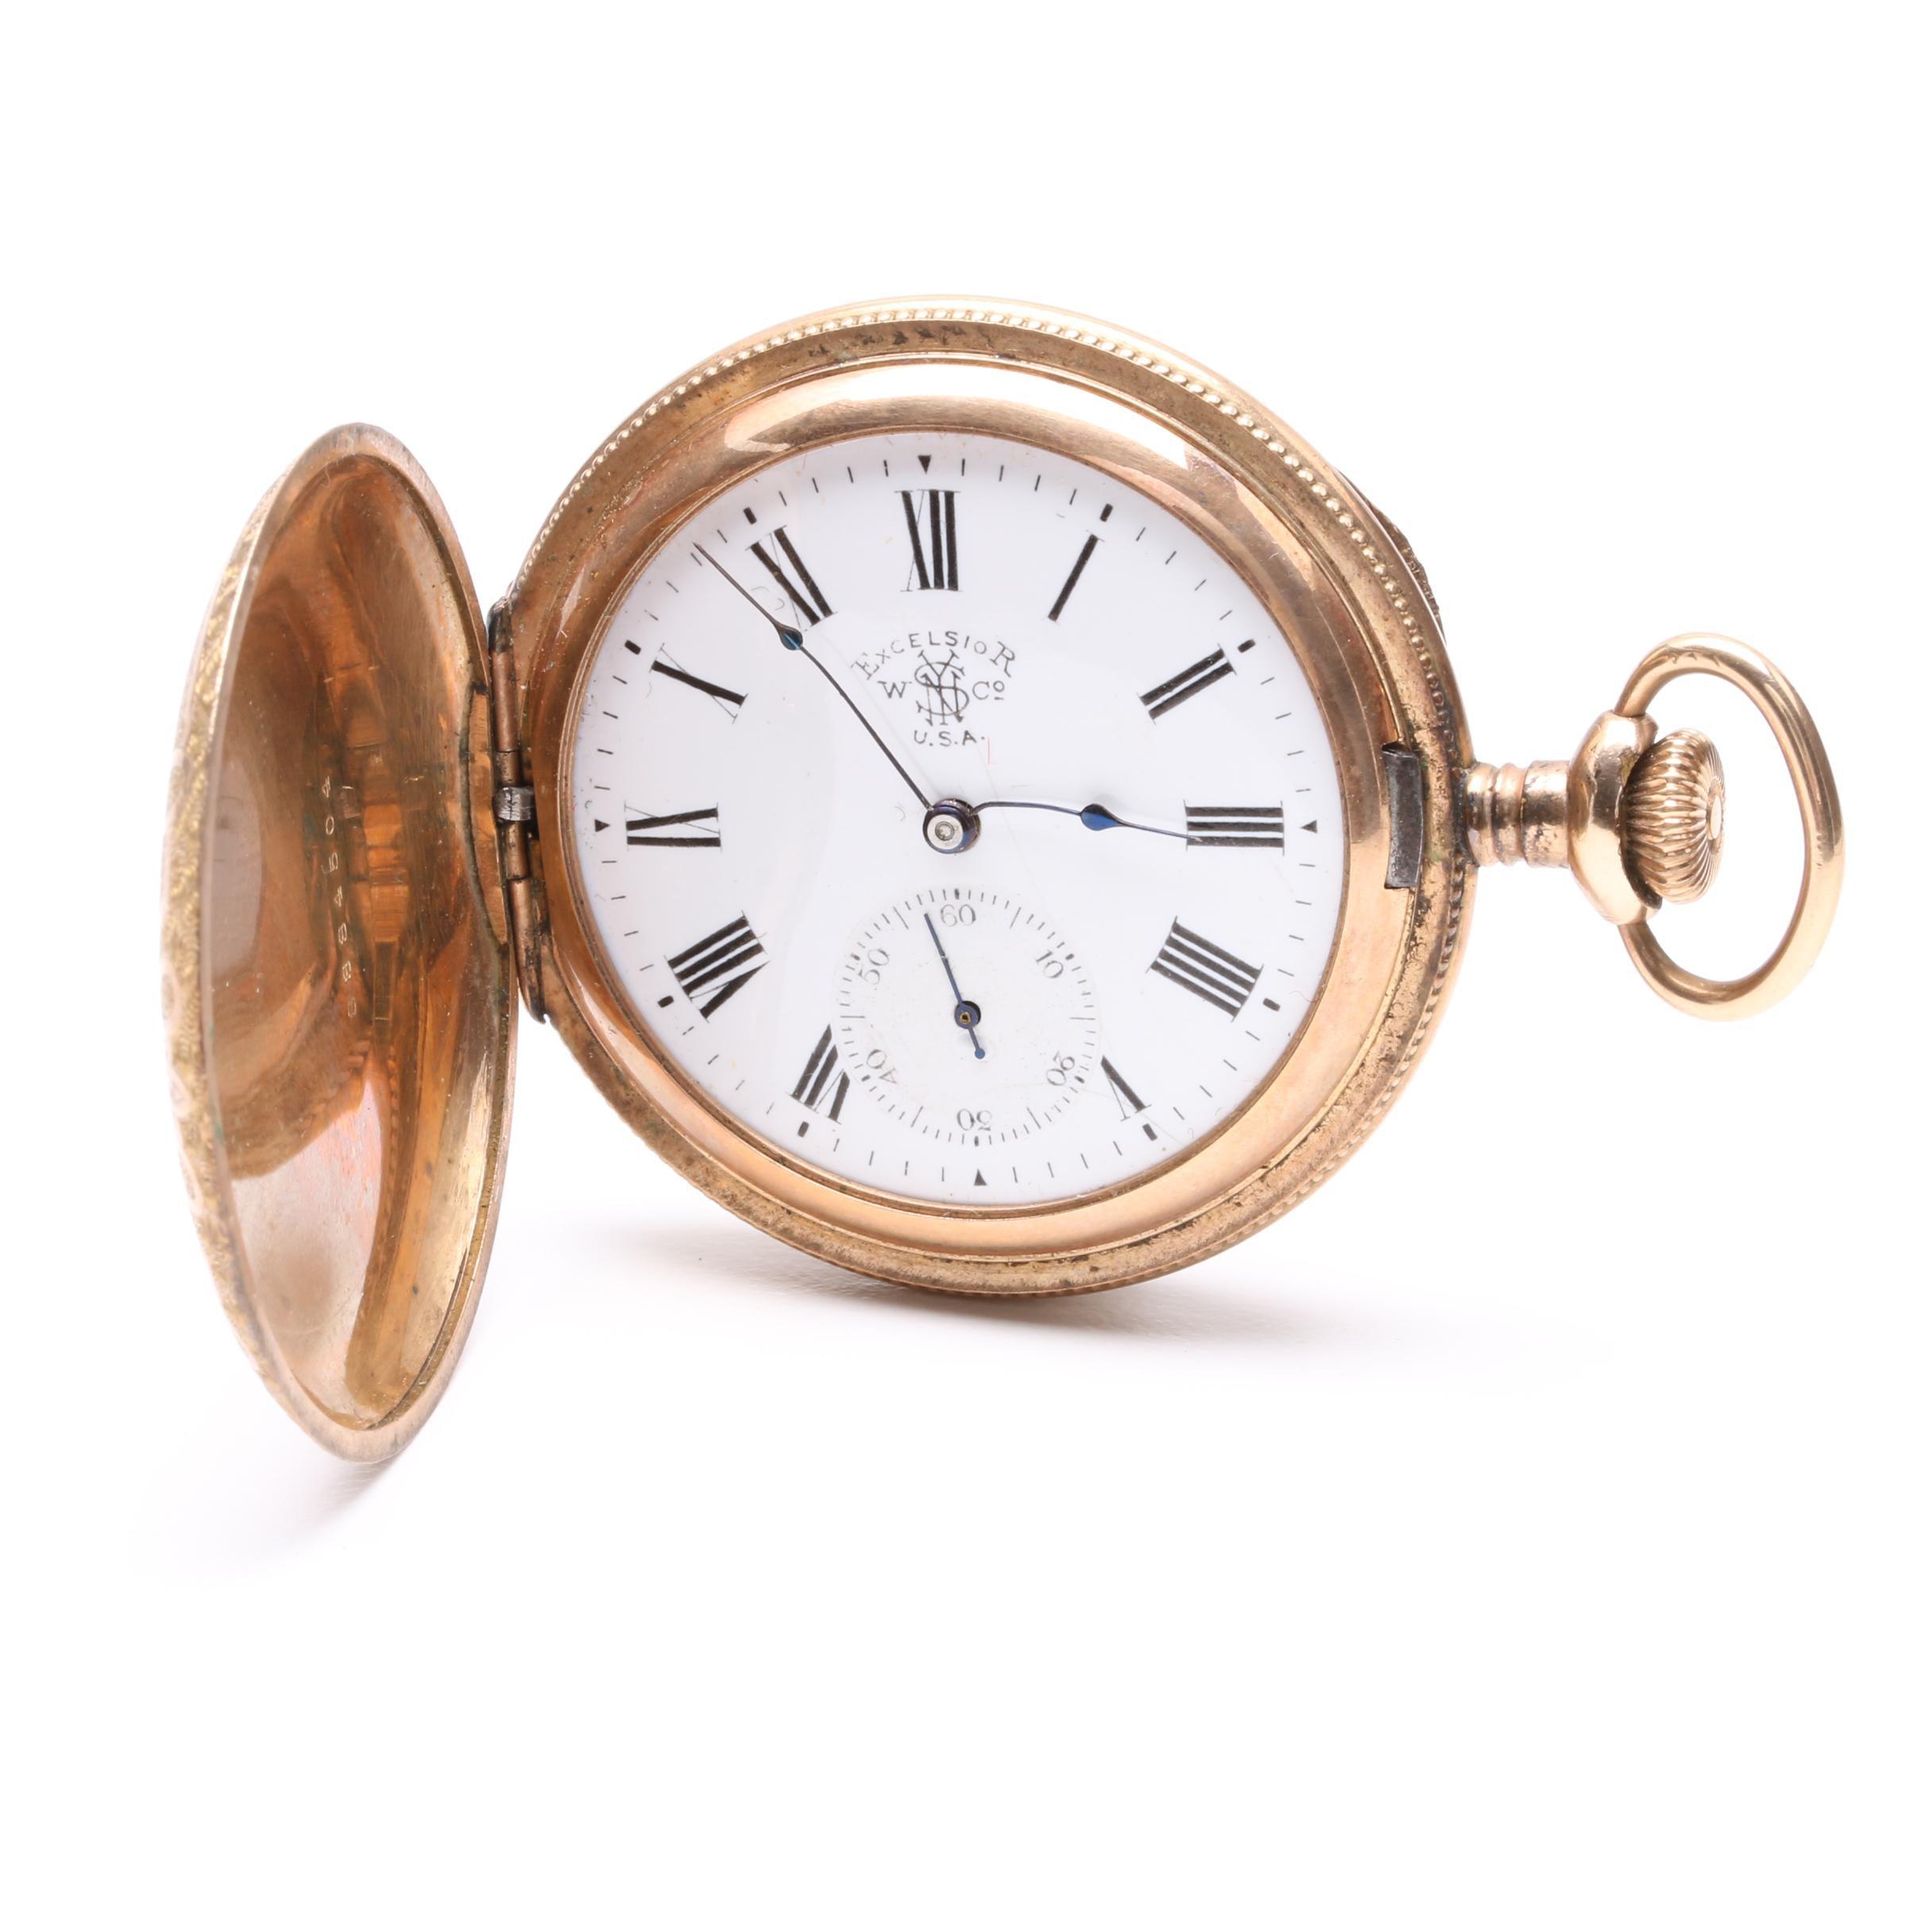 Antique New York Standard Excelsior Gold Filled Pocket Watch